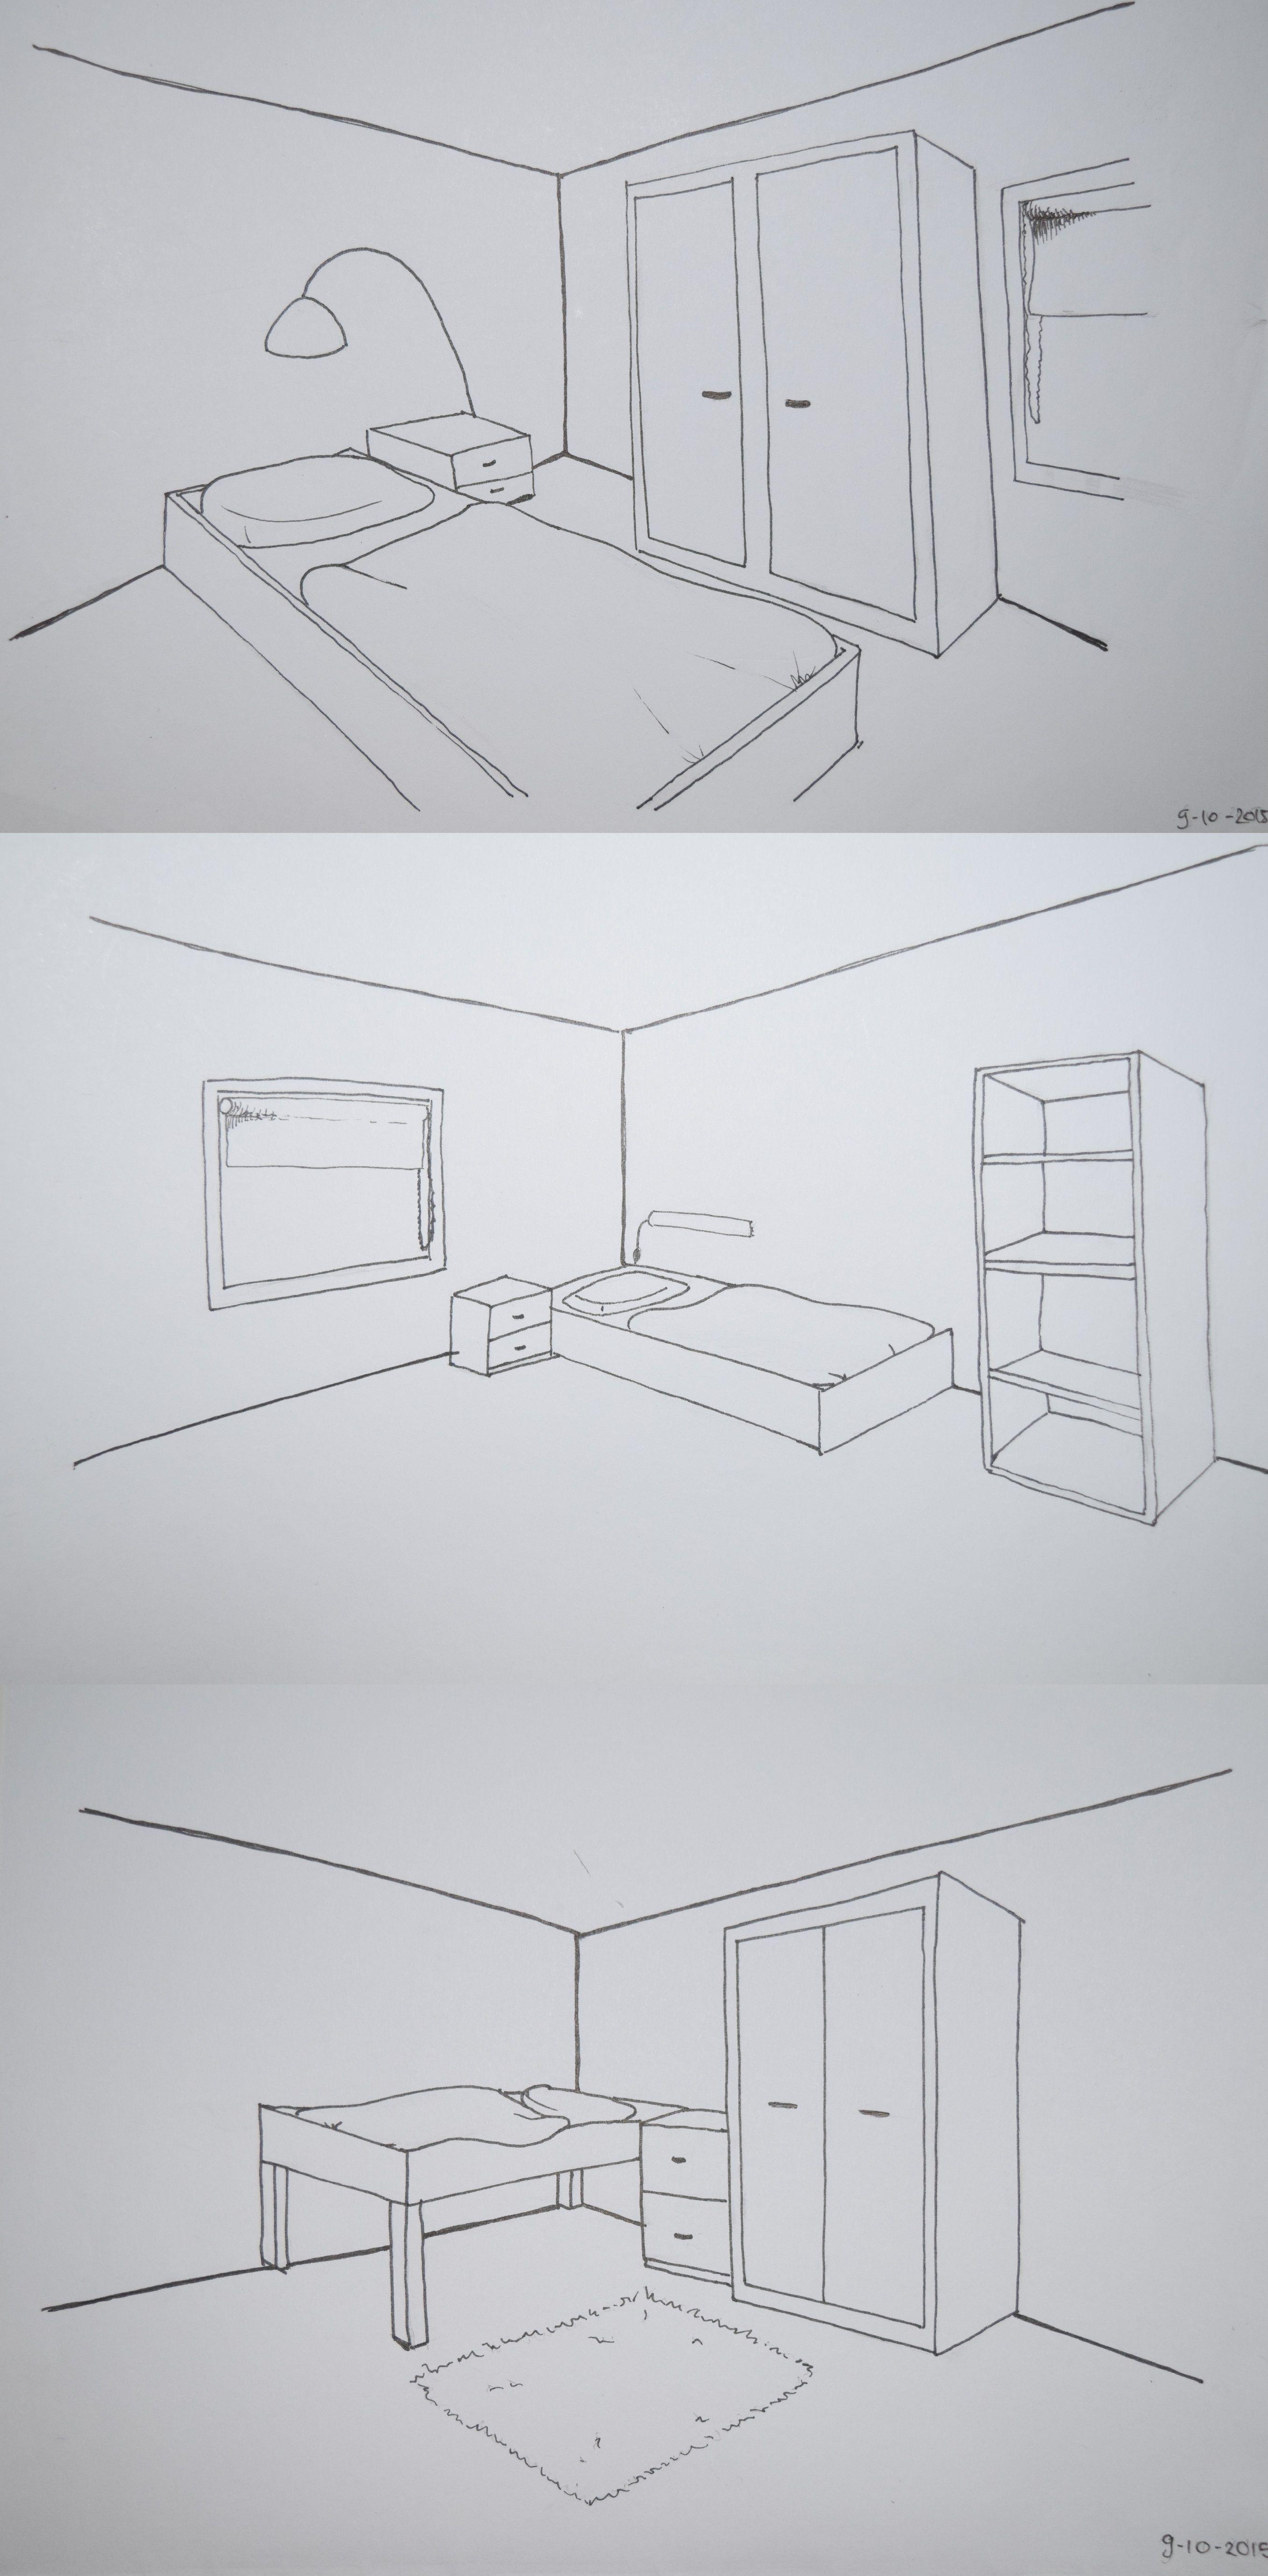 leerjaar 1 - schetsen - de opdracht was om te oefenen met het, Deco ideeën